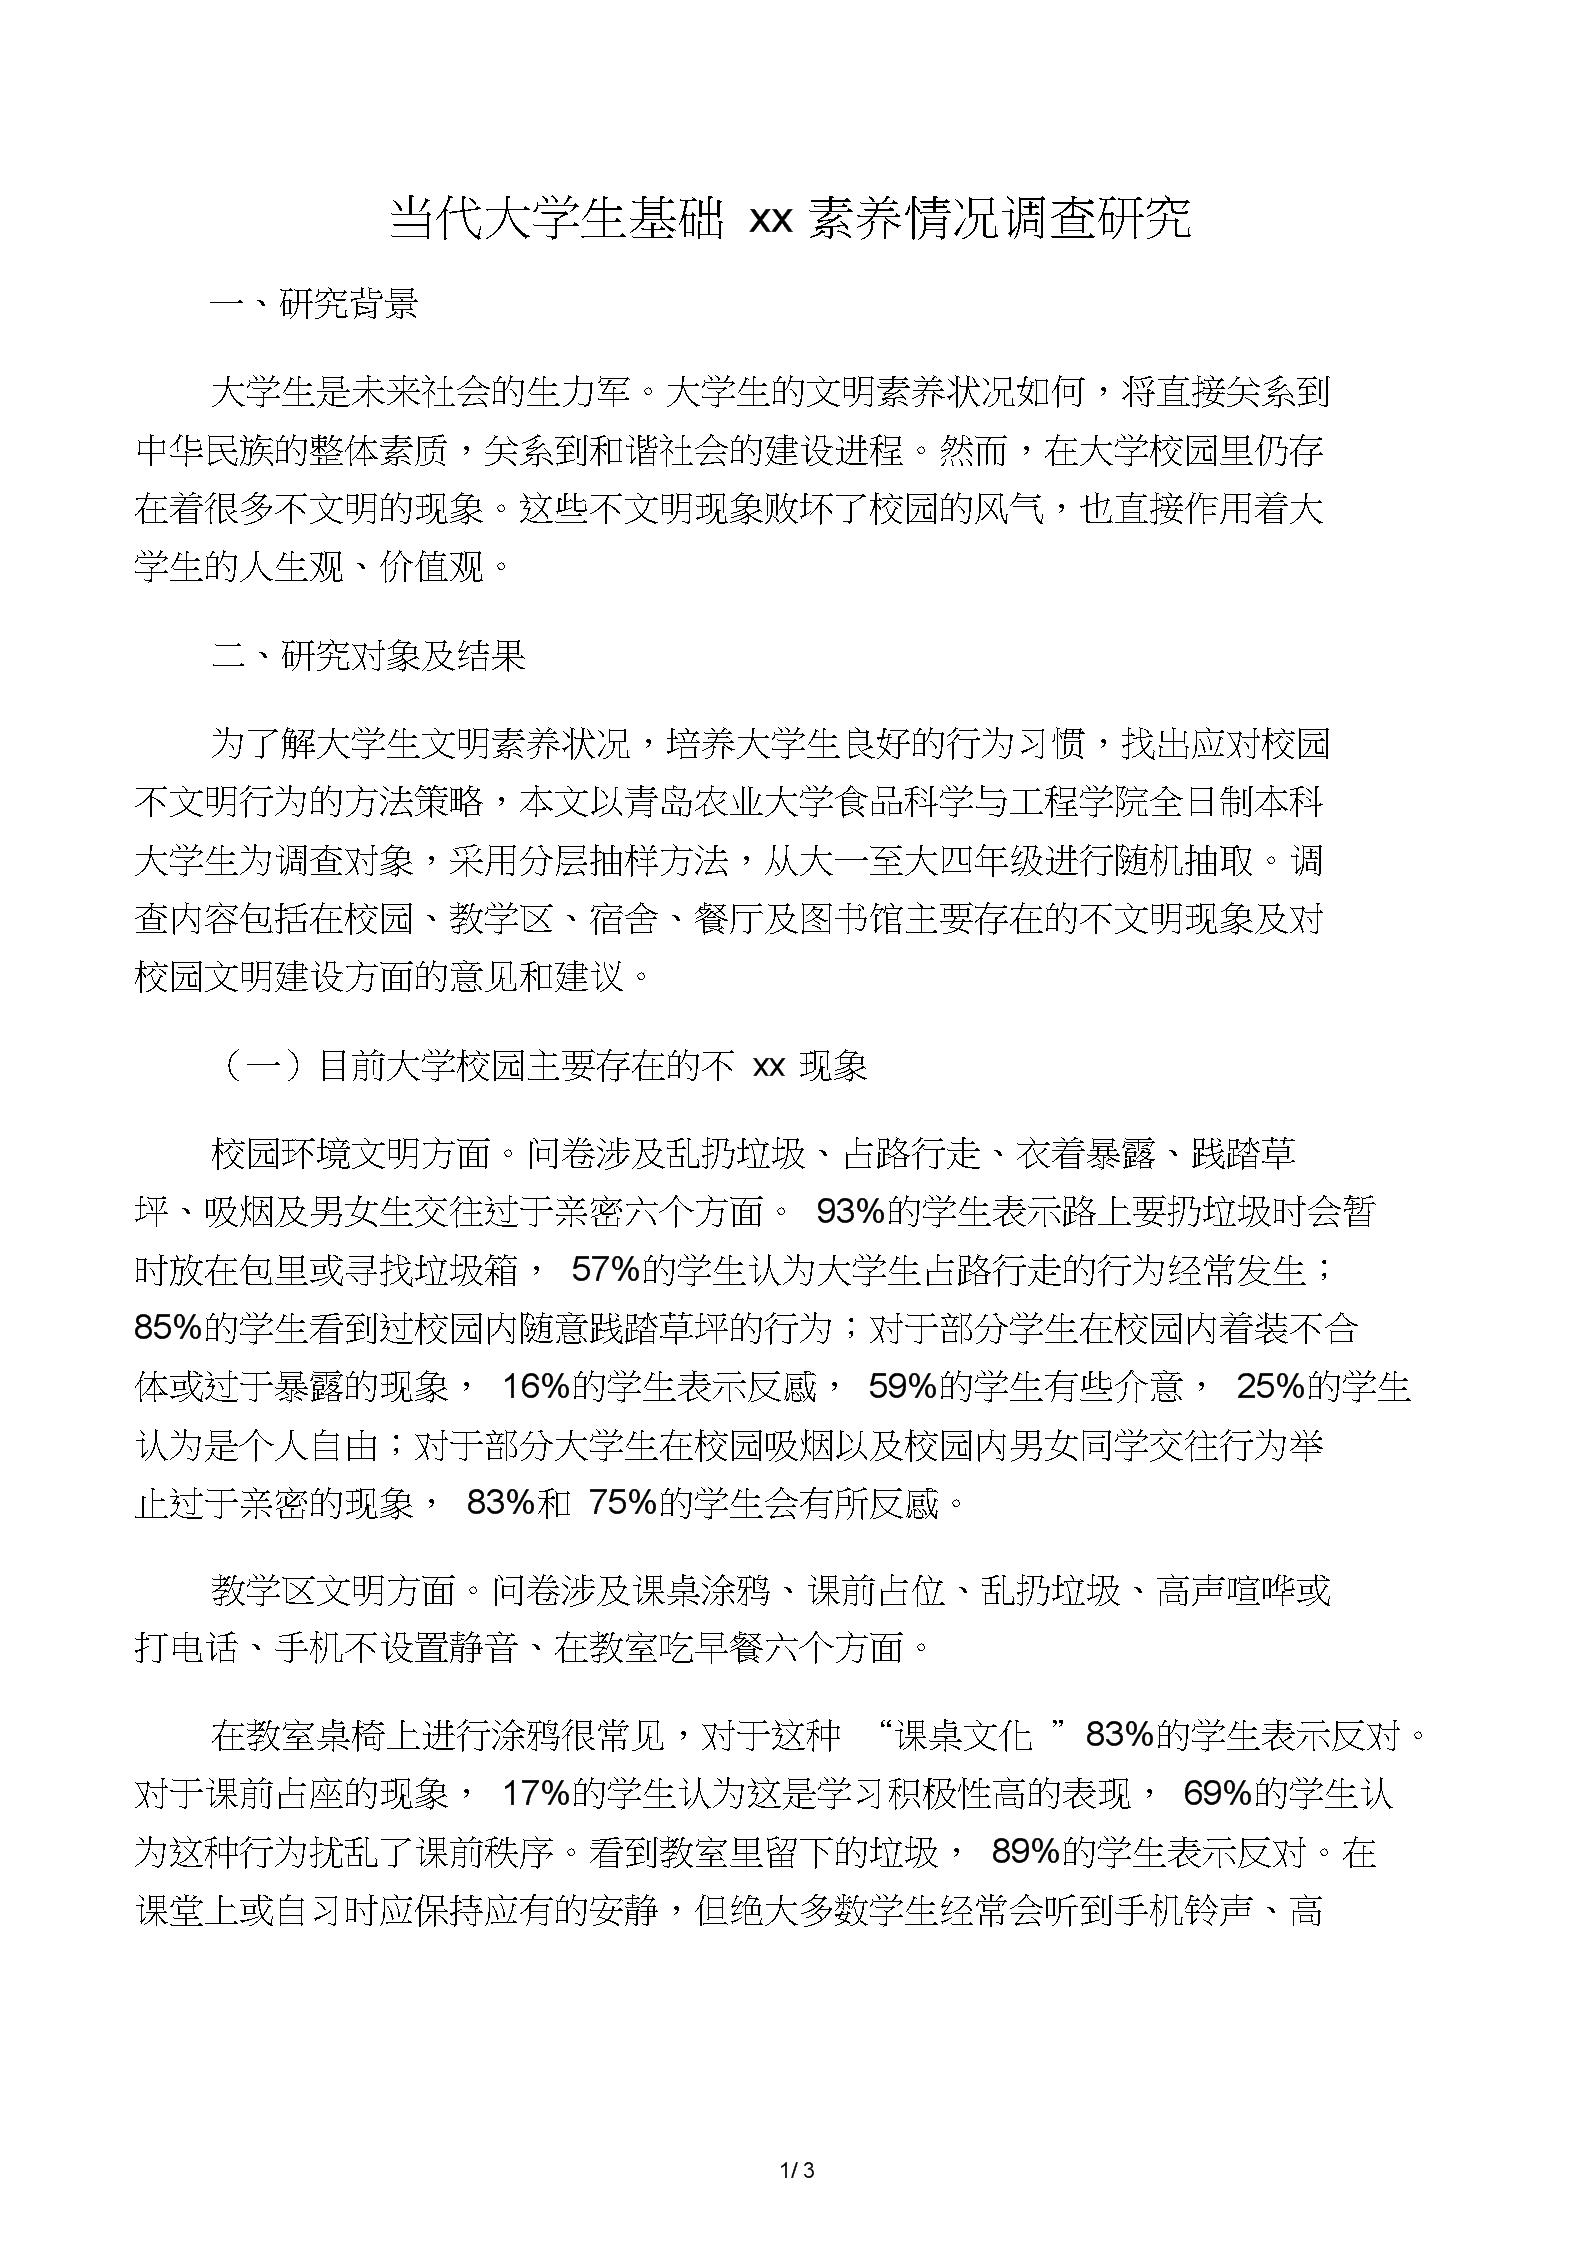 当代大学生基础文明素养情况调查研究-2019年教育文档.docx